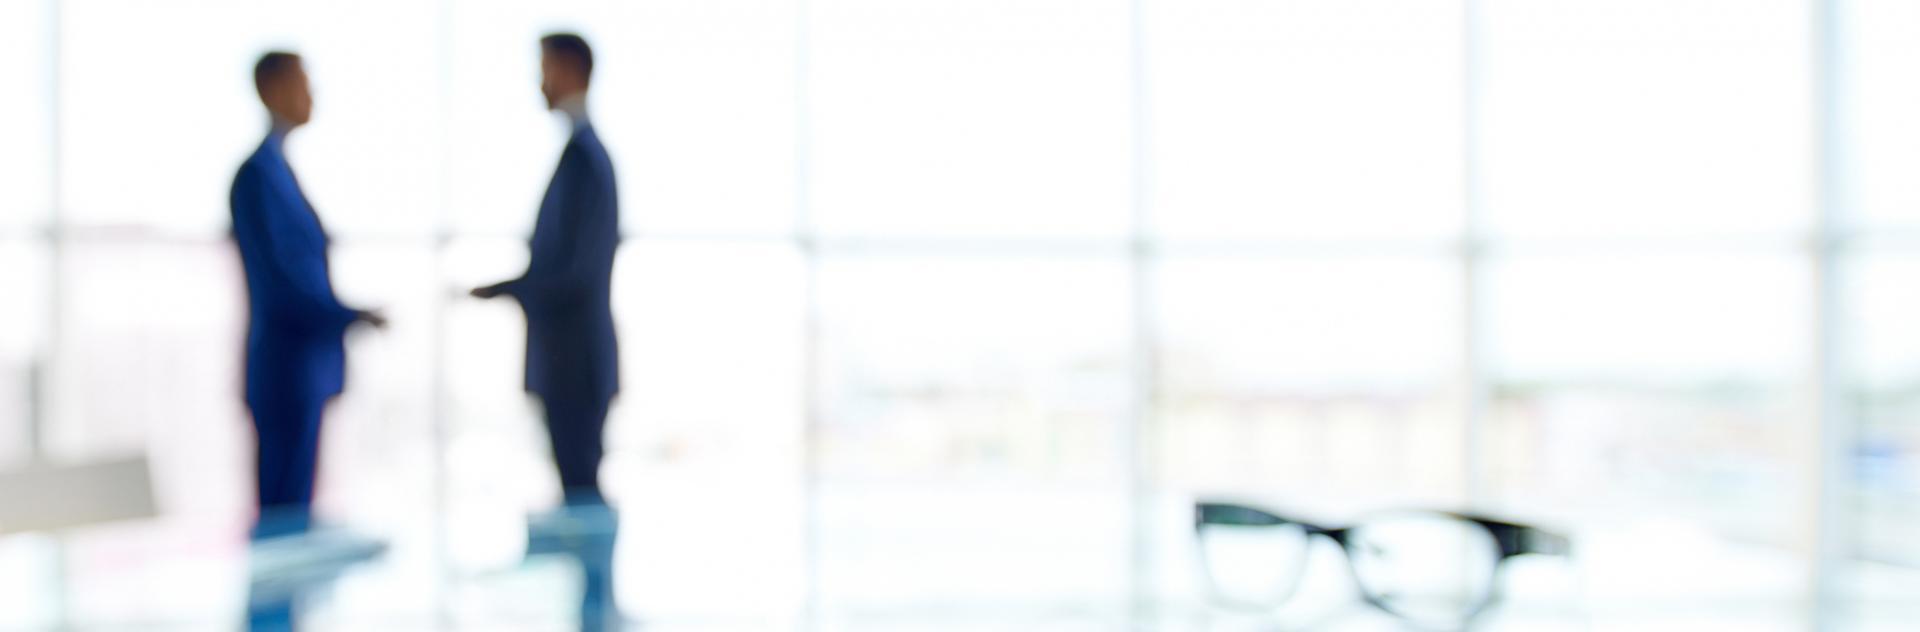 Inter'MedOffice | Mise en conformité entreprises